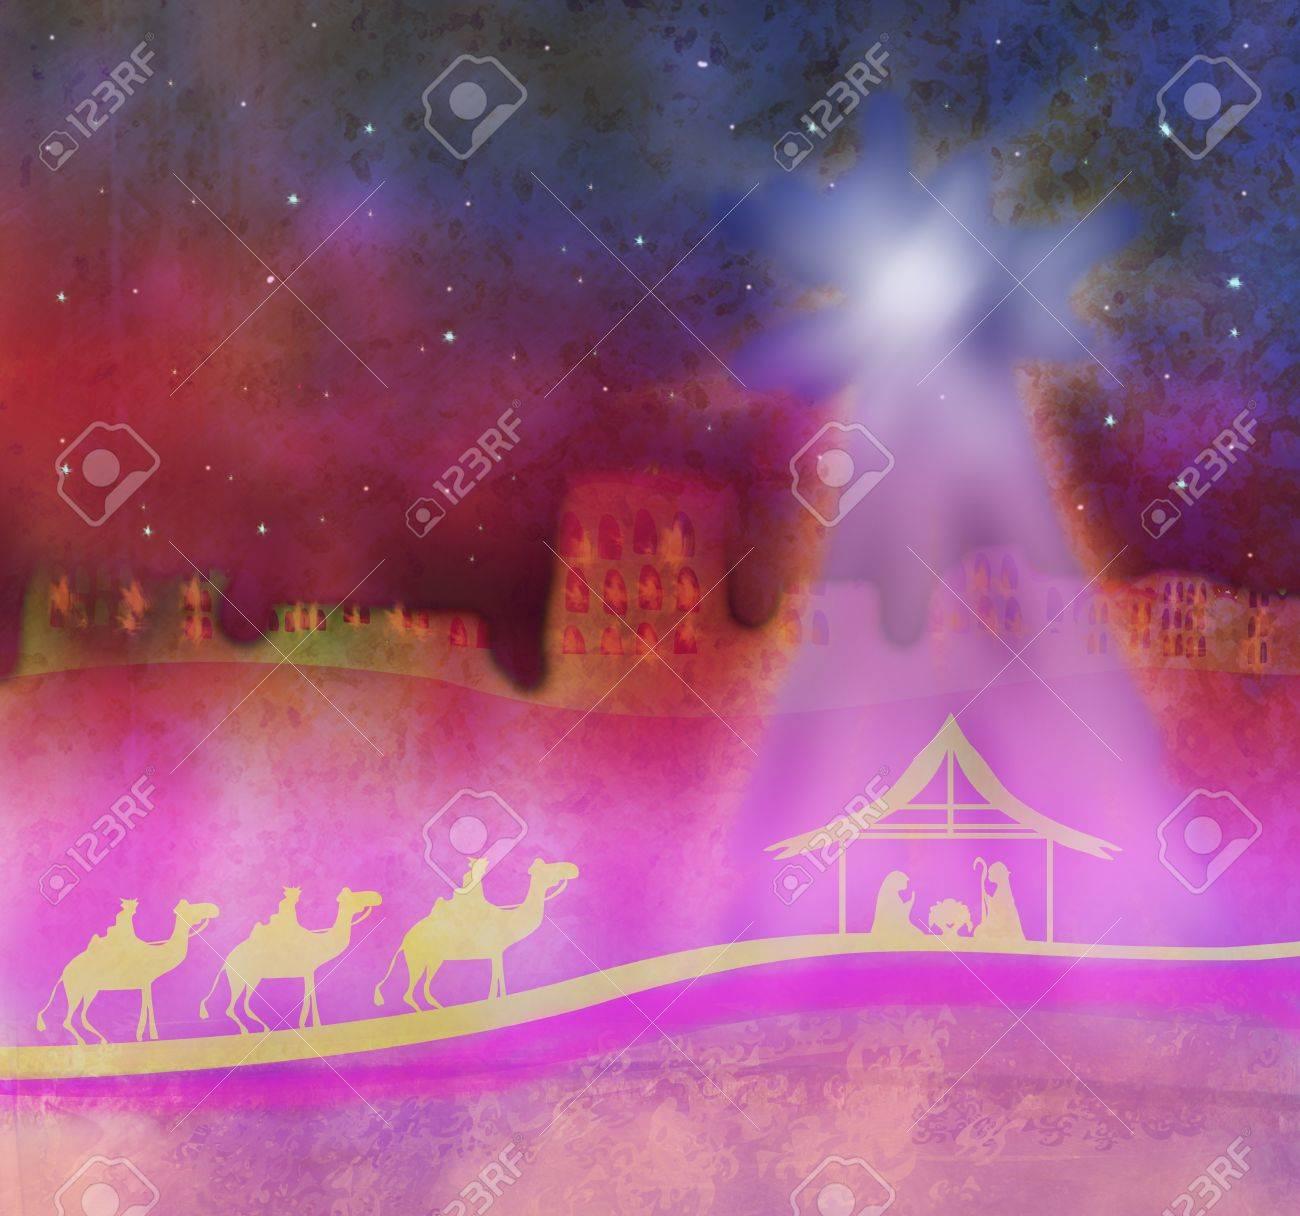 Biblical scene - birth of Jesus in Bethlehem. Stock Photo - 21724244